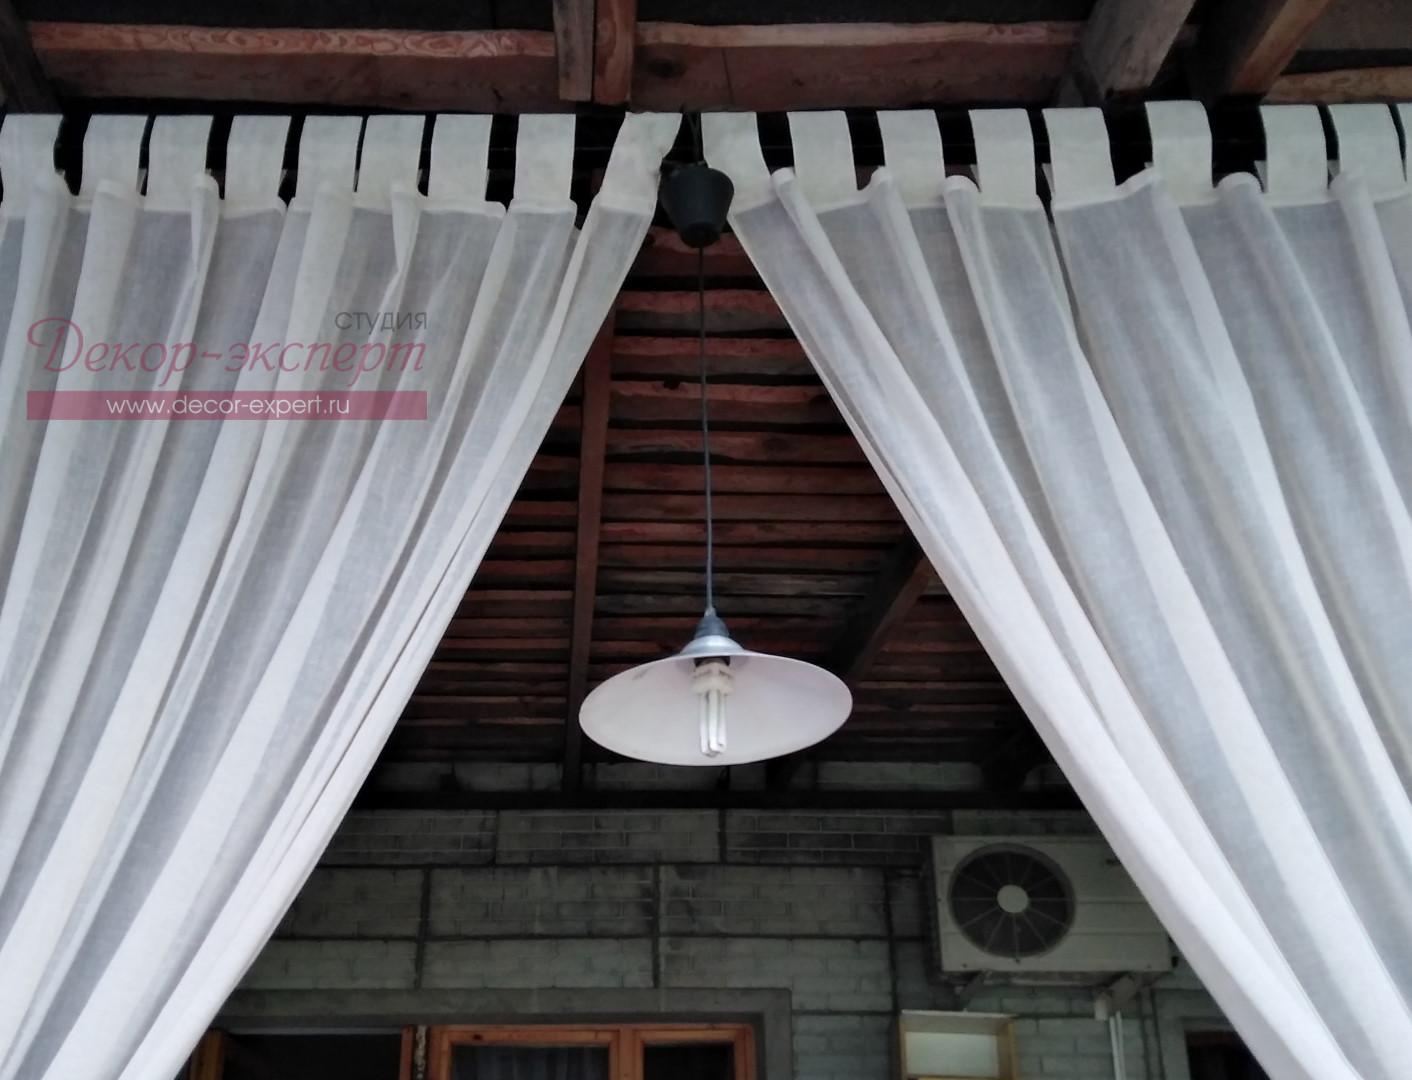 Разъёмные петли на лёгкой шторе для веранды.